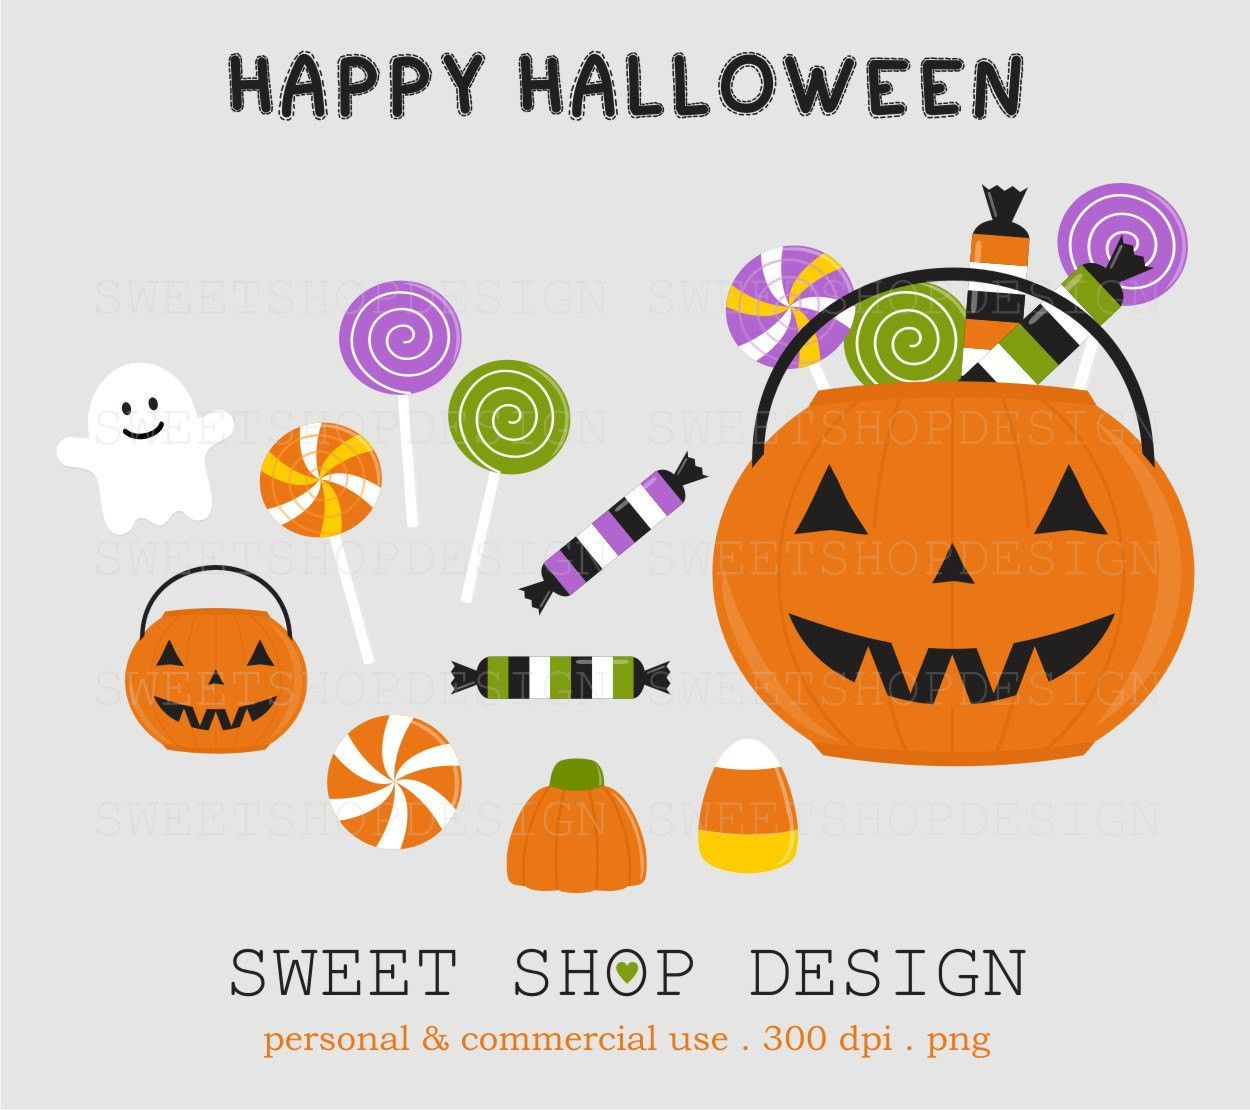 Happy Halloween Clip Art 2014